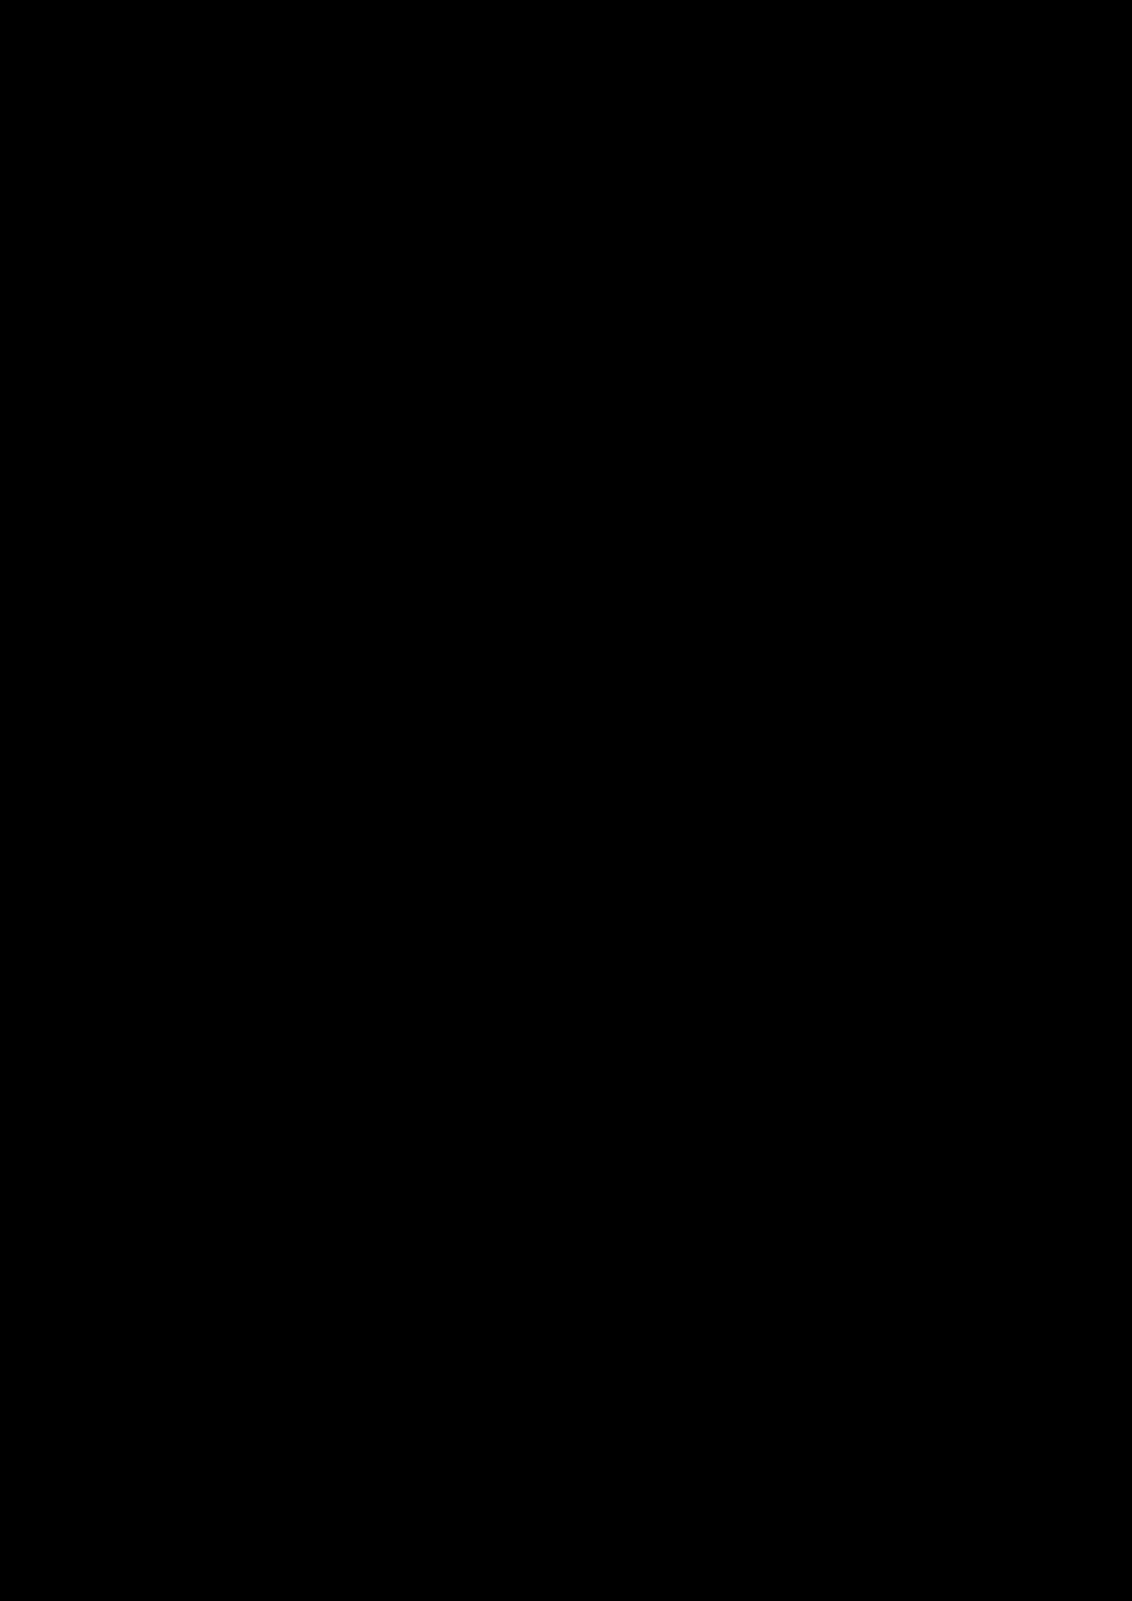 Serdtse slide, Image 2